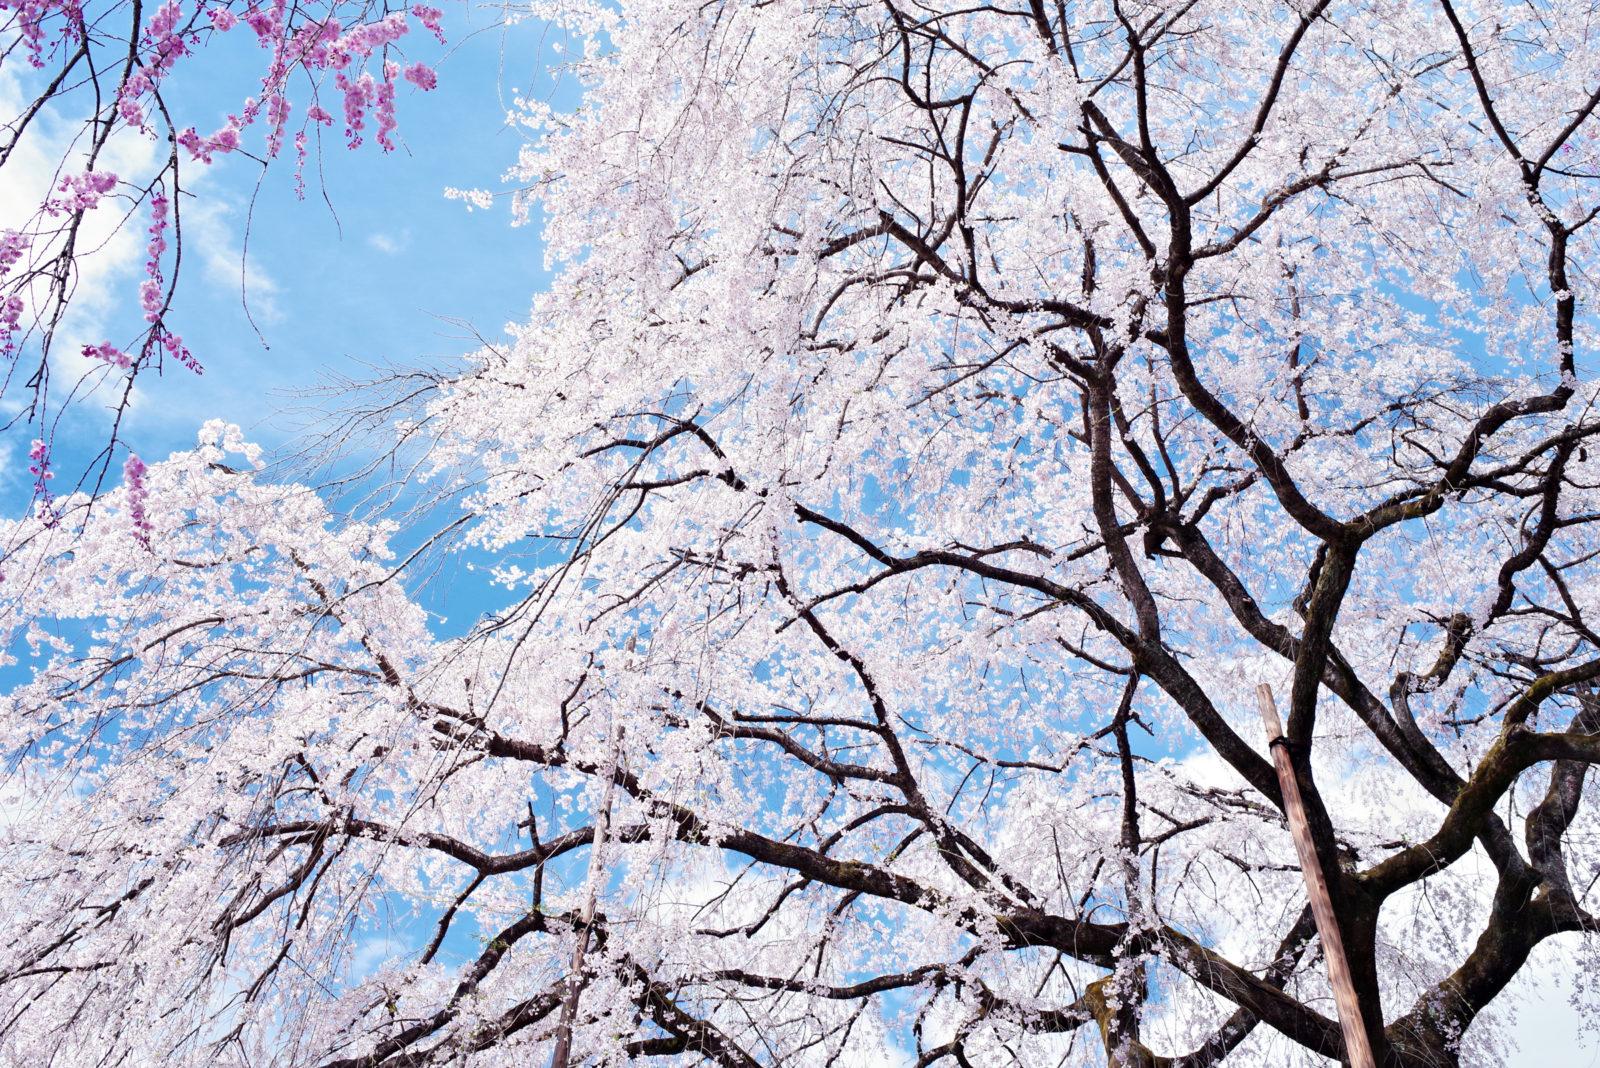 清雲寺の枝垂れ桜 | PENTAX K-1&FA35mm